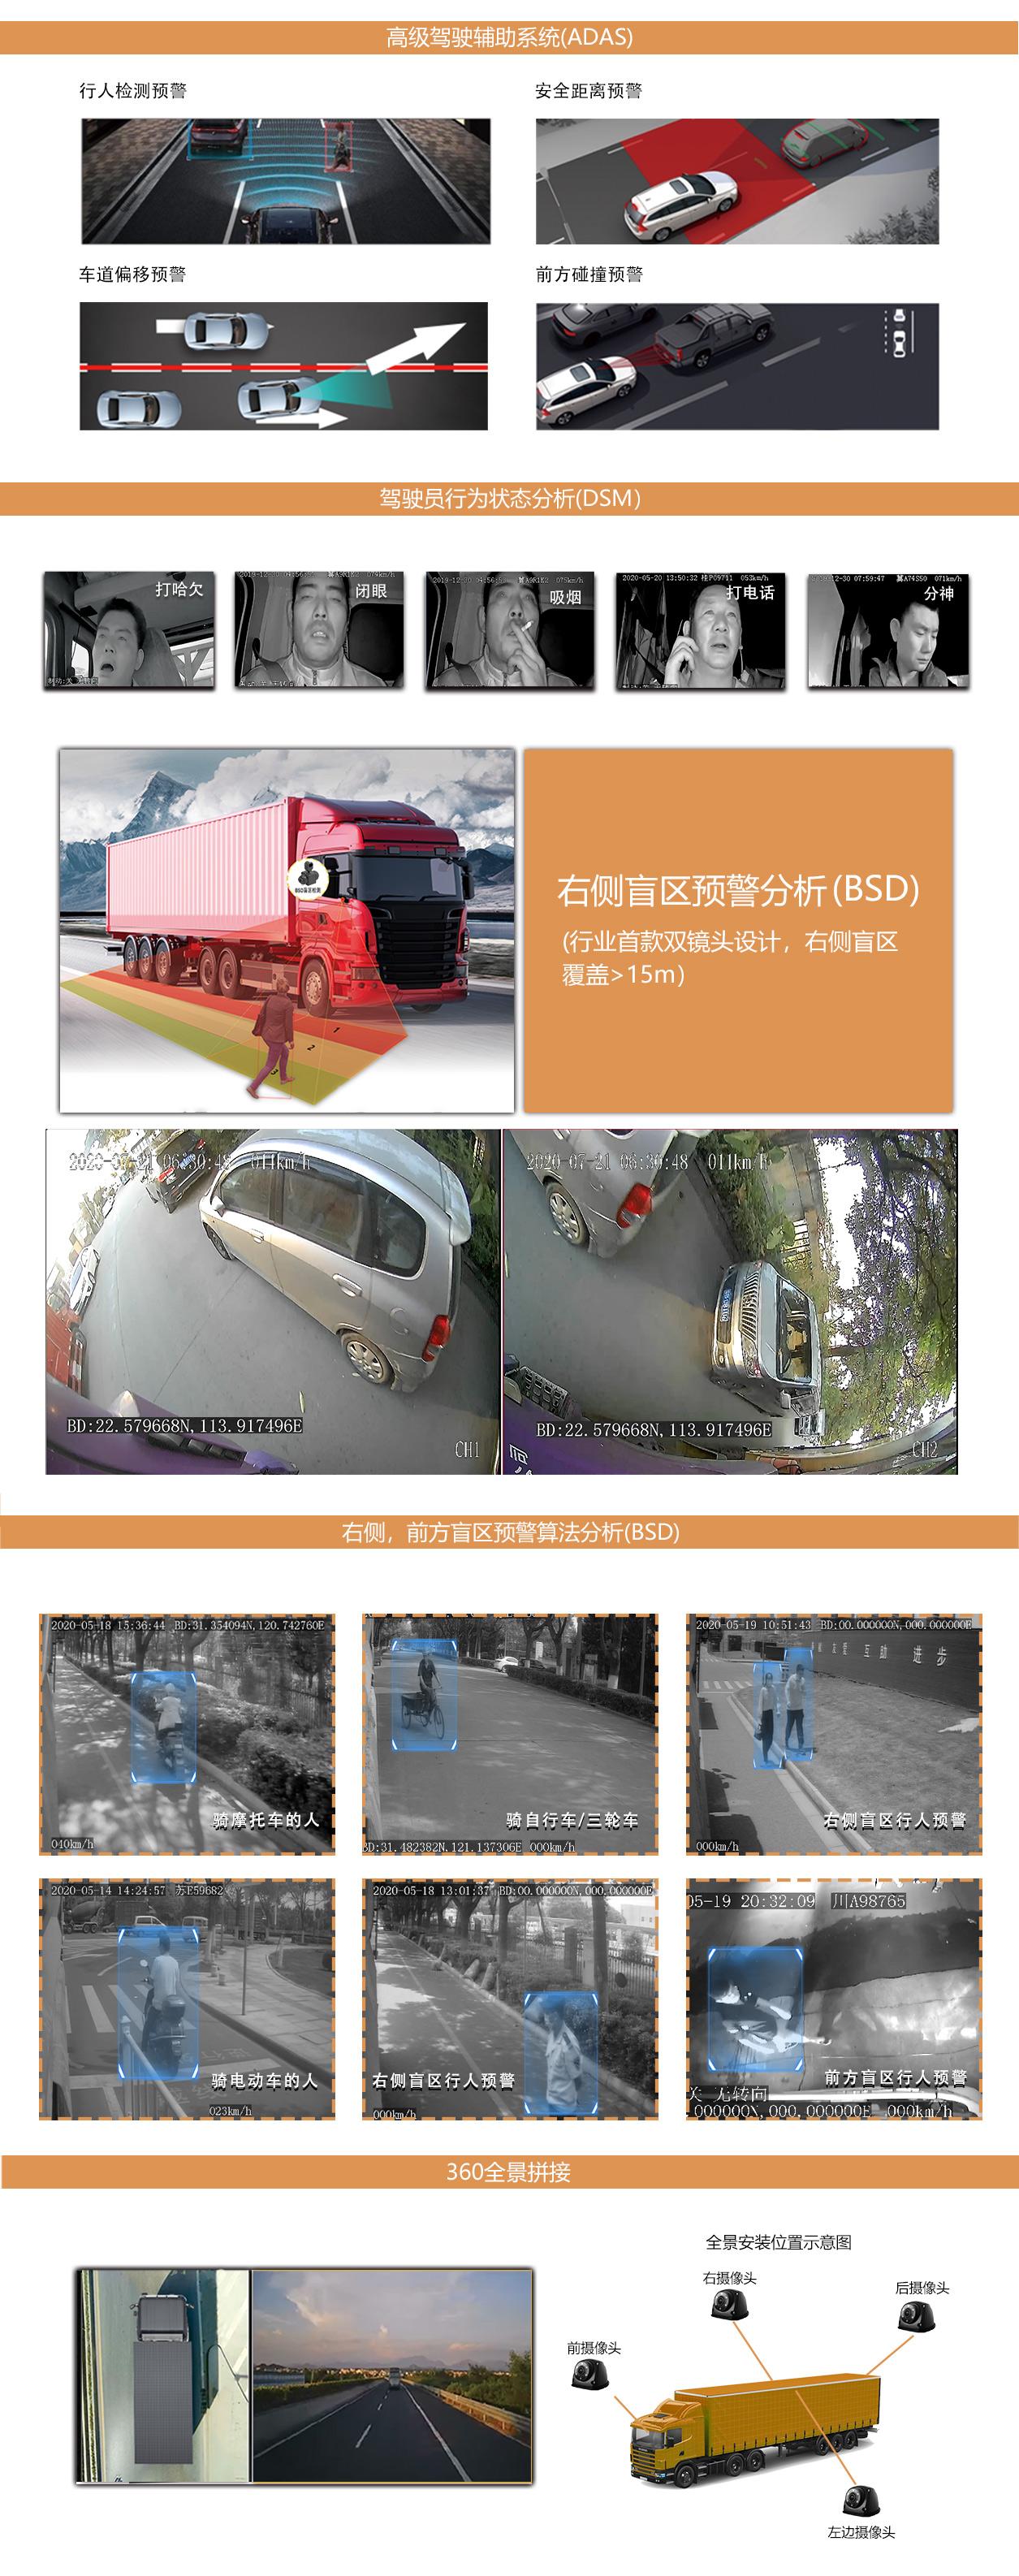 8路车载高清硬盘机 车载主动安全智能防控终端  第2张